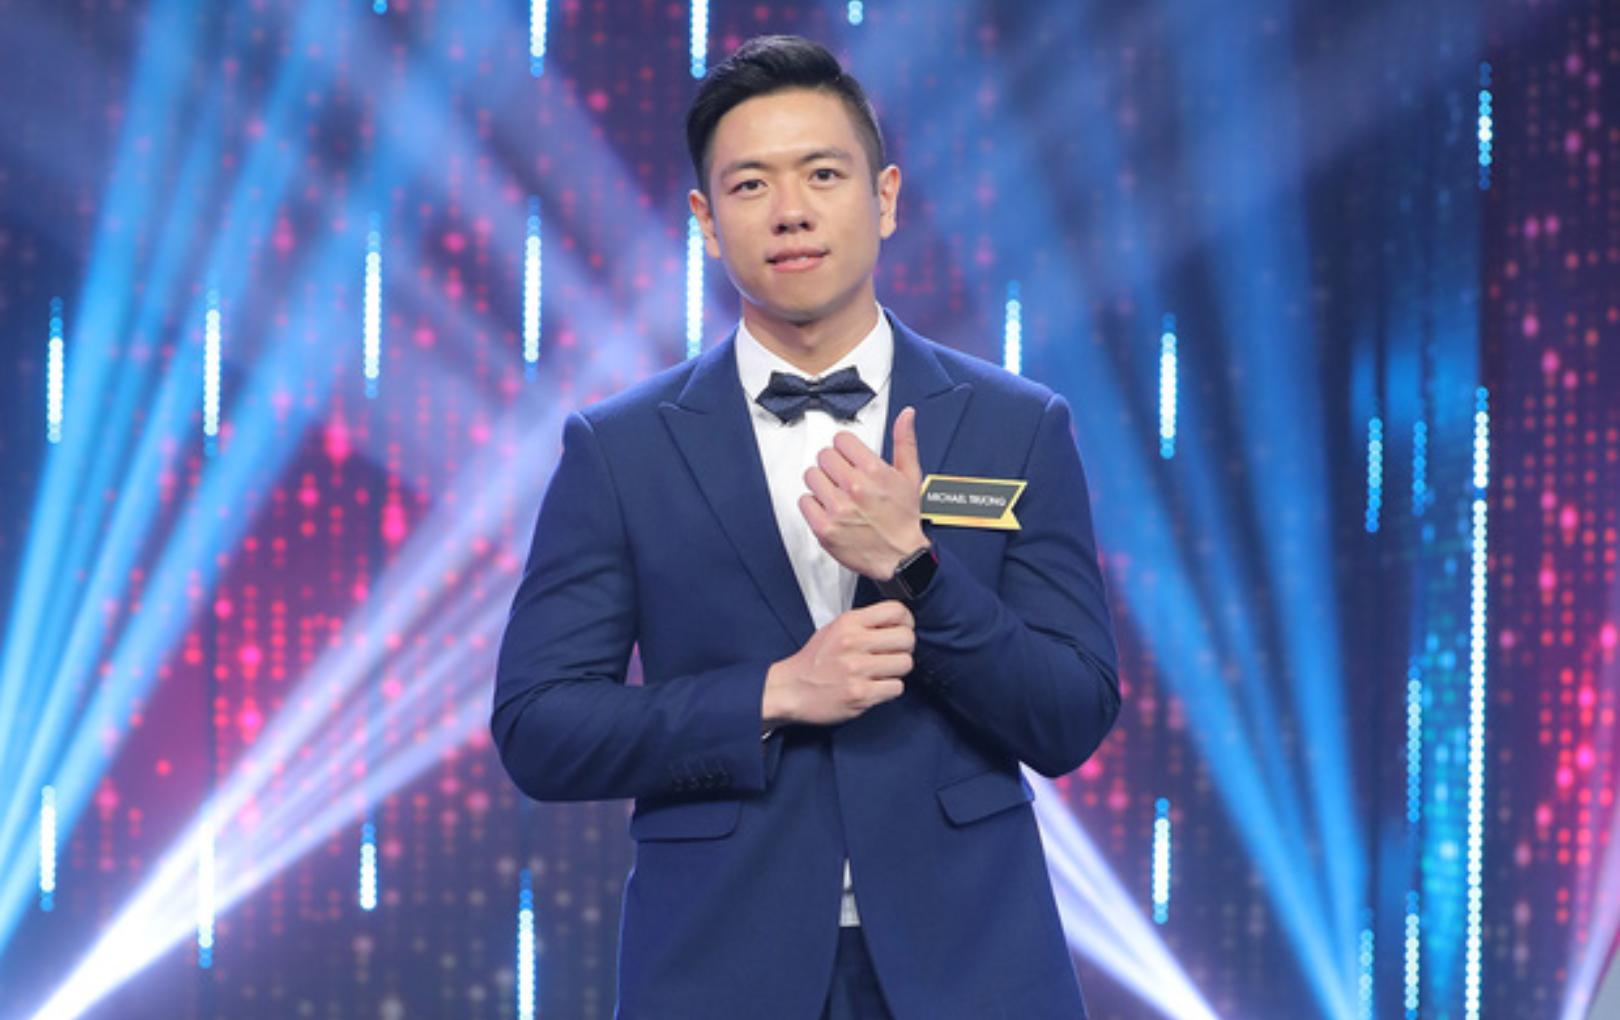 """Chàng Việt kiều Michael Trương lên tiếng xin lỗi sau khi bị tố nói dối ở """"Người ấy là ai?"""""""